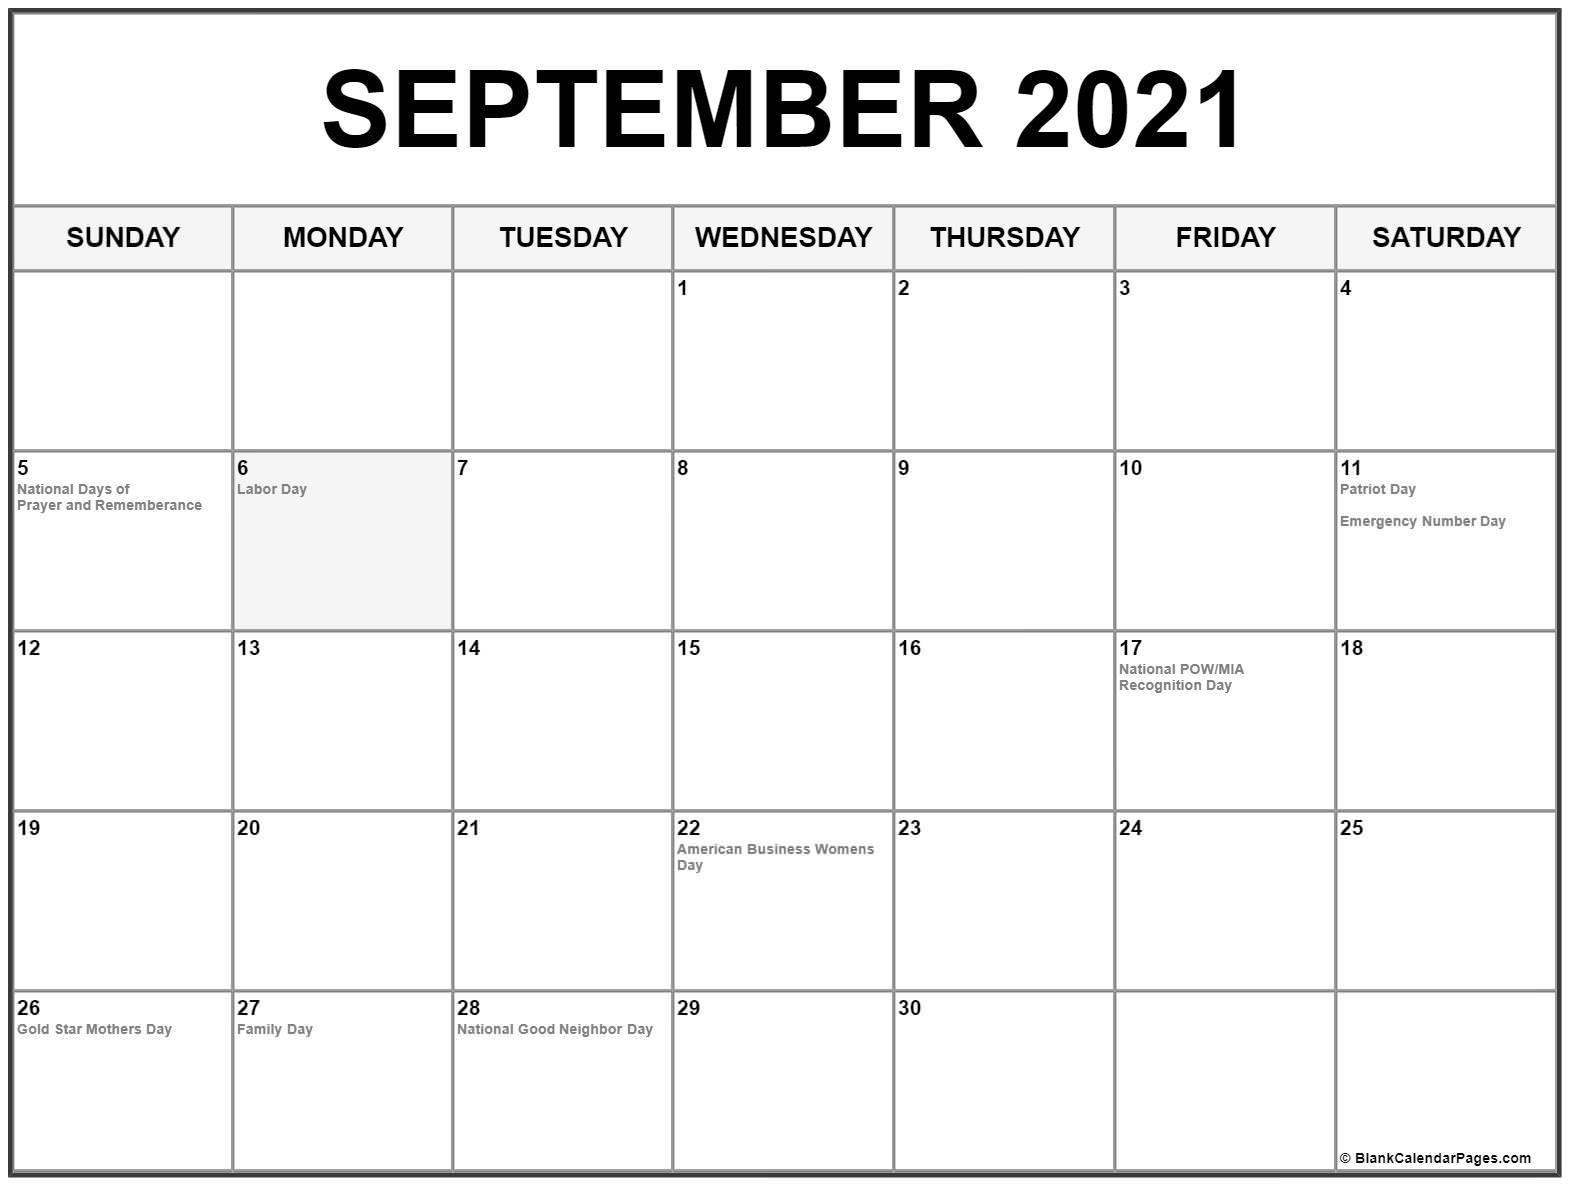 Get August September 2021 Calendar